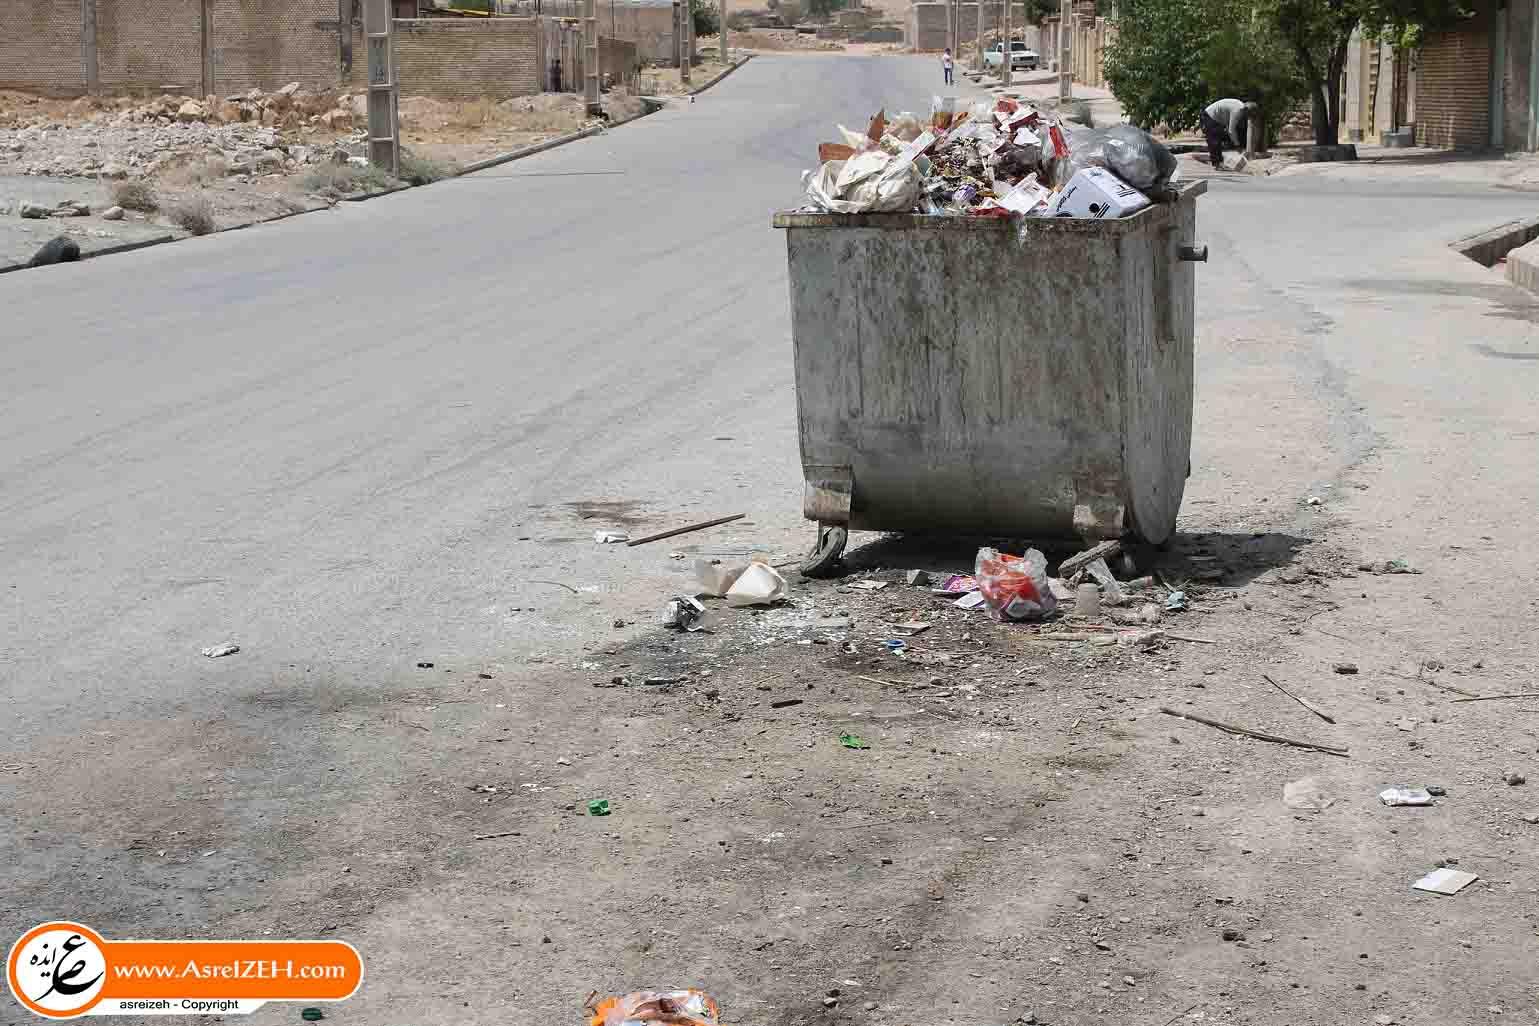 کلافگی شهروندان ایذهای از اوضاع نابسامان و بوی بد سطلهای زباله شهری+ تصاویر